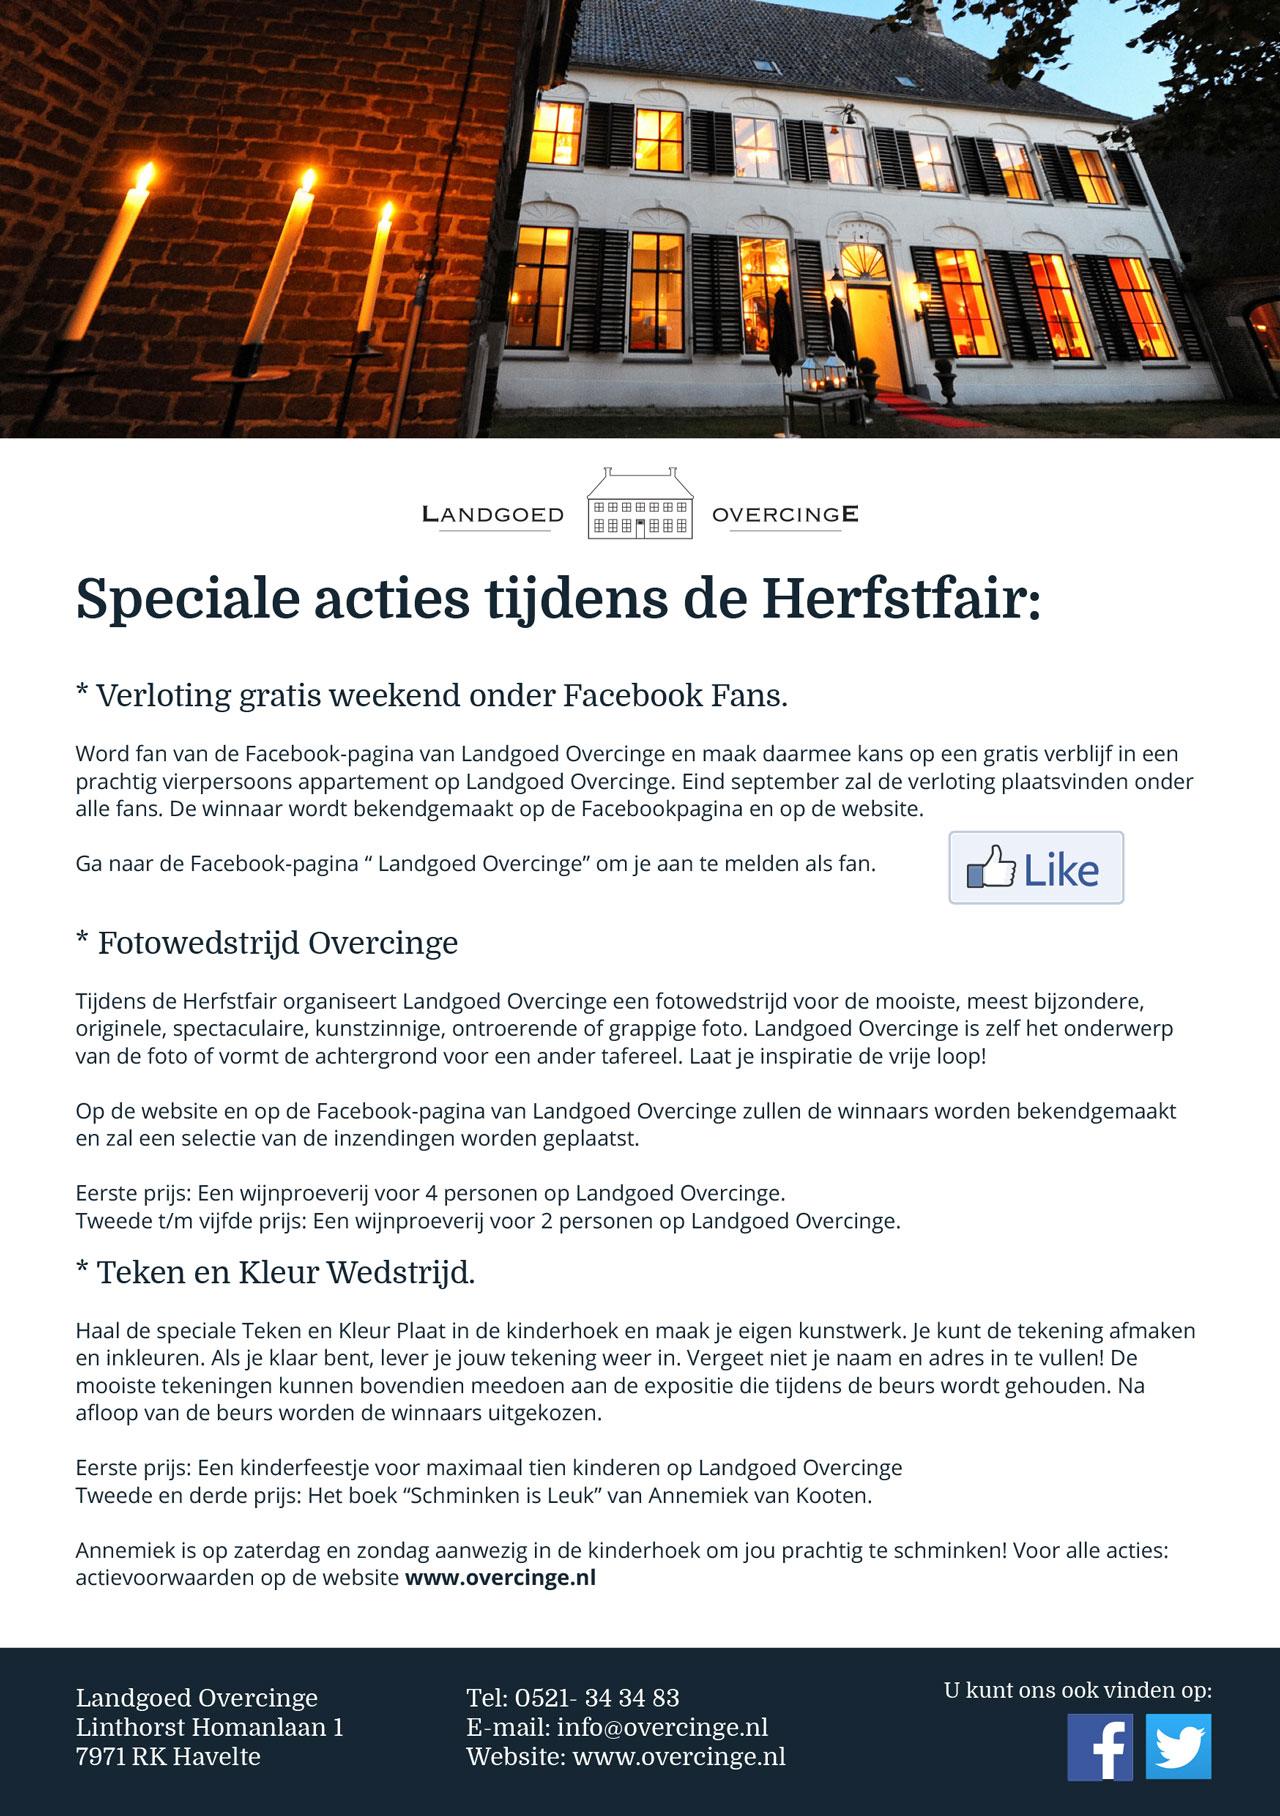 Facebook actie Overcinge